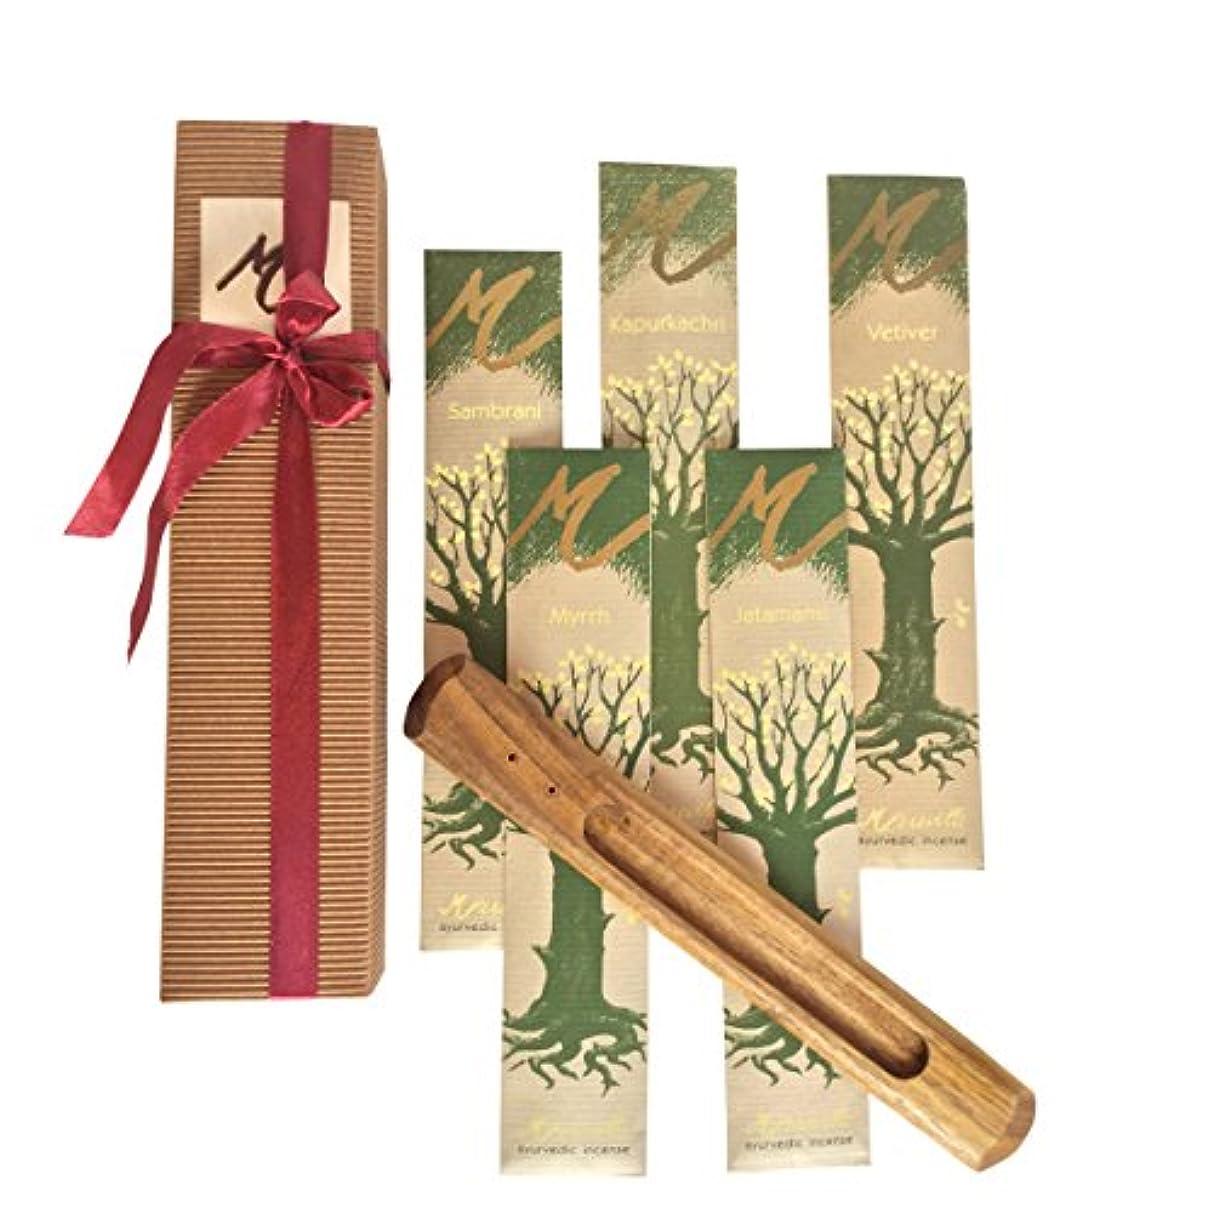 マイルストーン祖母サスティーンプレミアムIncense Sticks , Ayurvedic Aromaticお香ギフトセットボックスには5種類のお香( Jatamansi、kapurkachuri、Myrrh、ベチバー、Sambrani )と木製スティックホルダー...